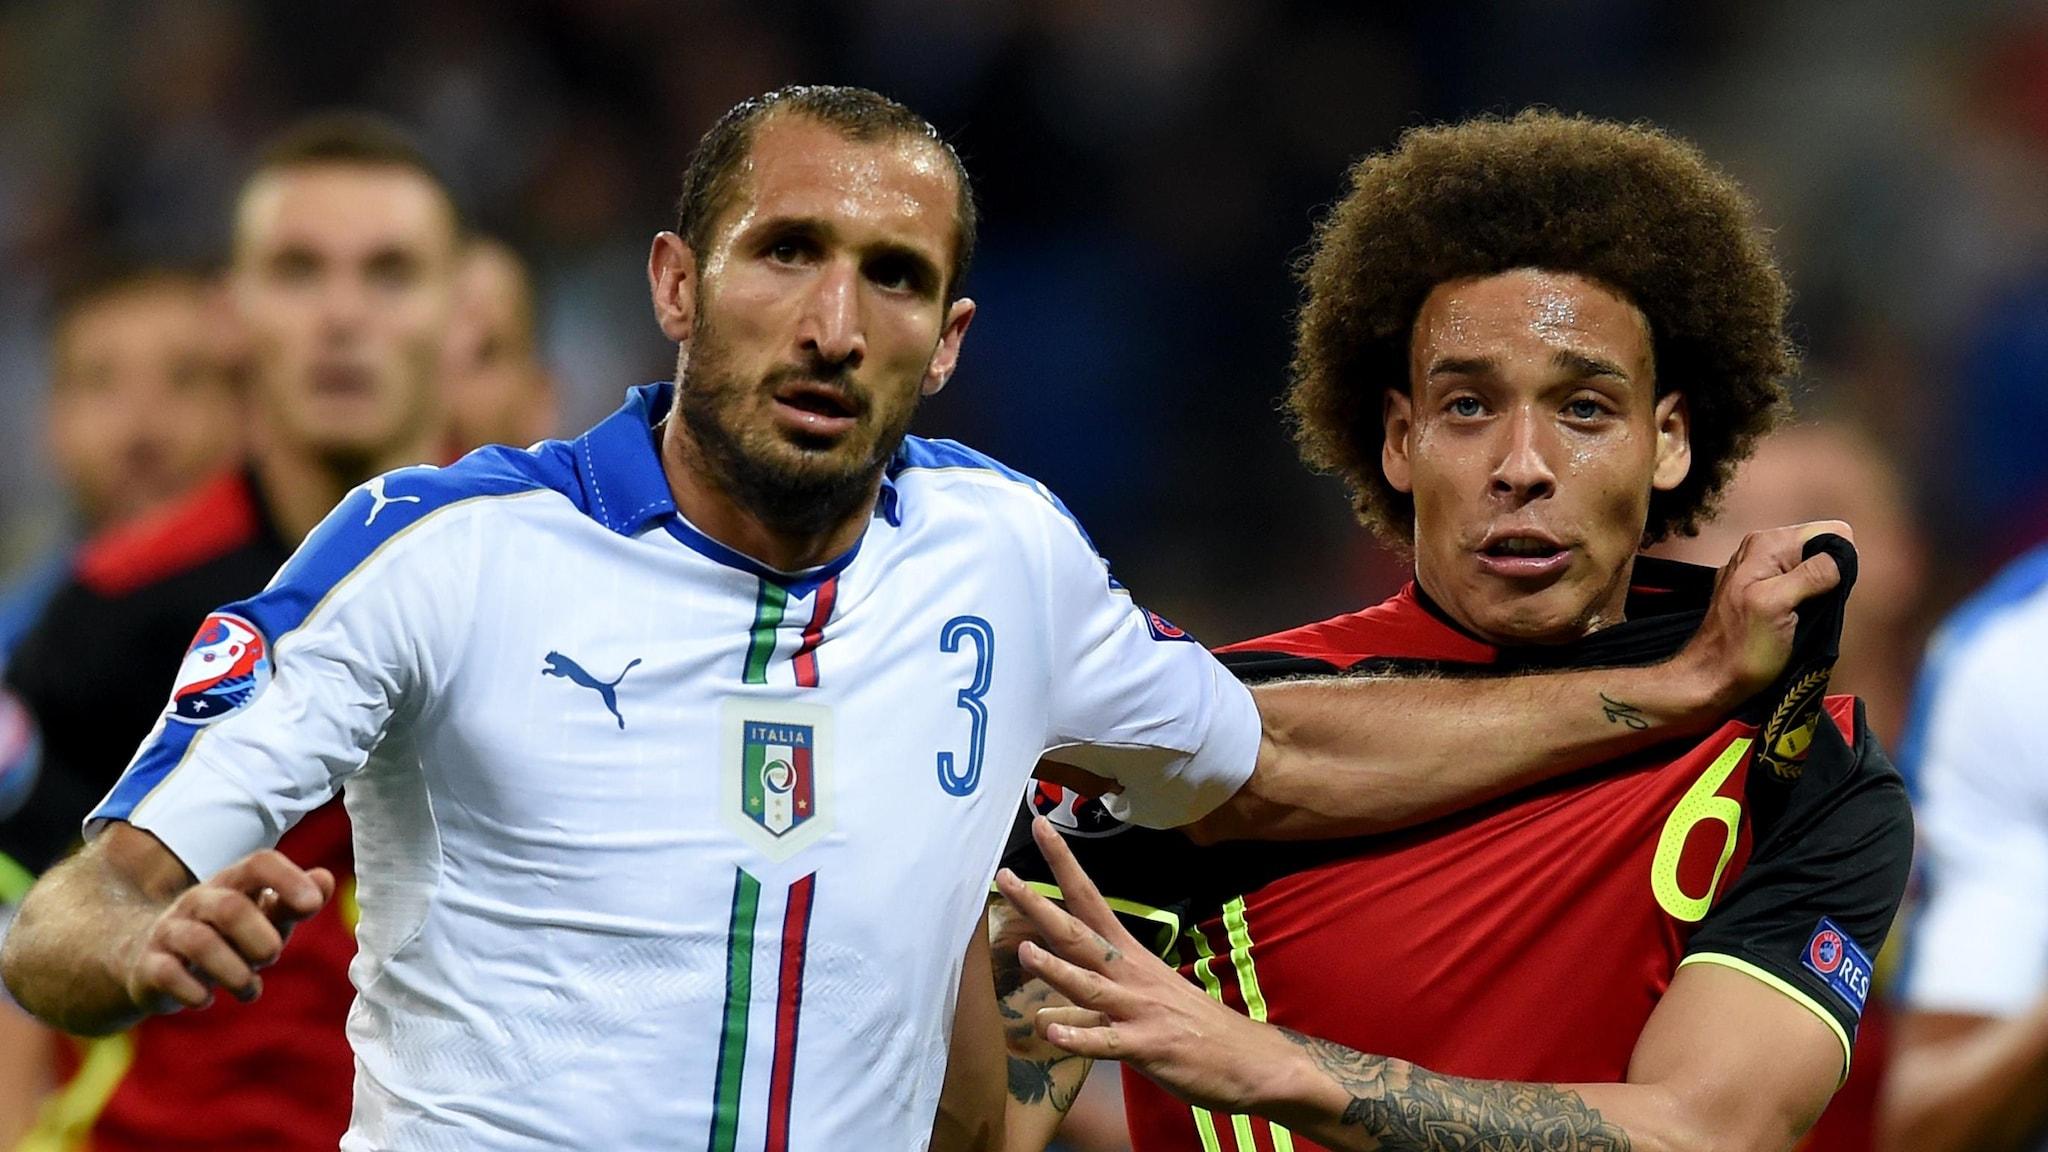 Euro2020: Itália vence Bélgica por 2-1 e joga com a Espanha na primeira meia-final do Europeu